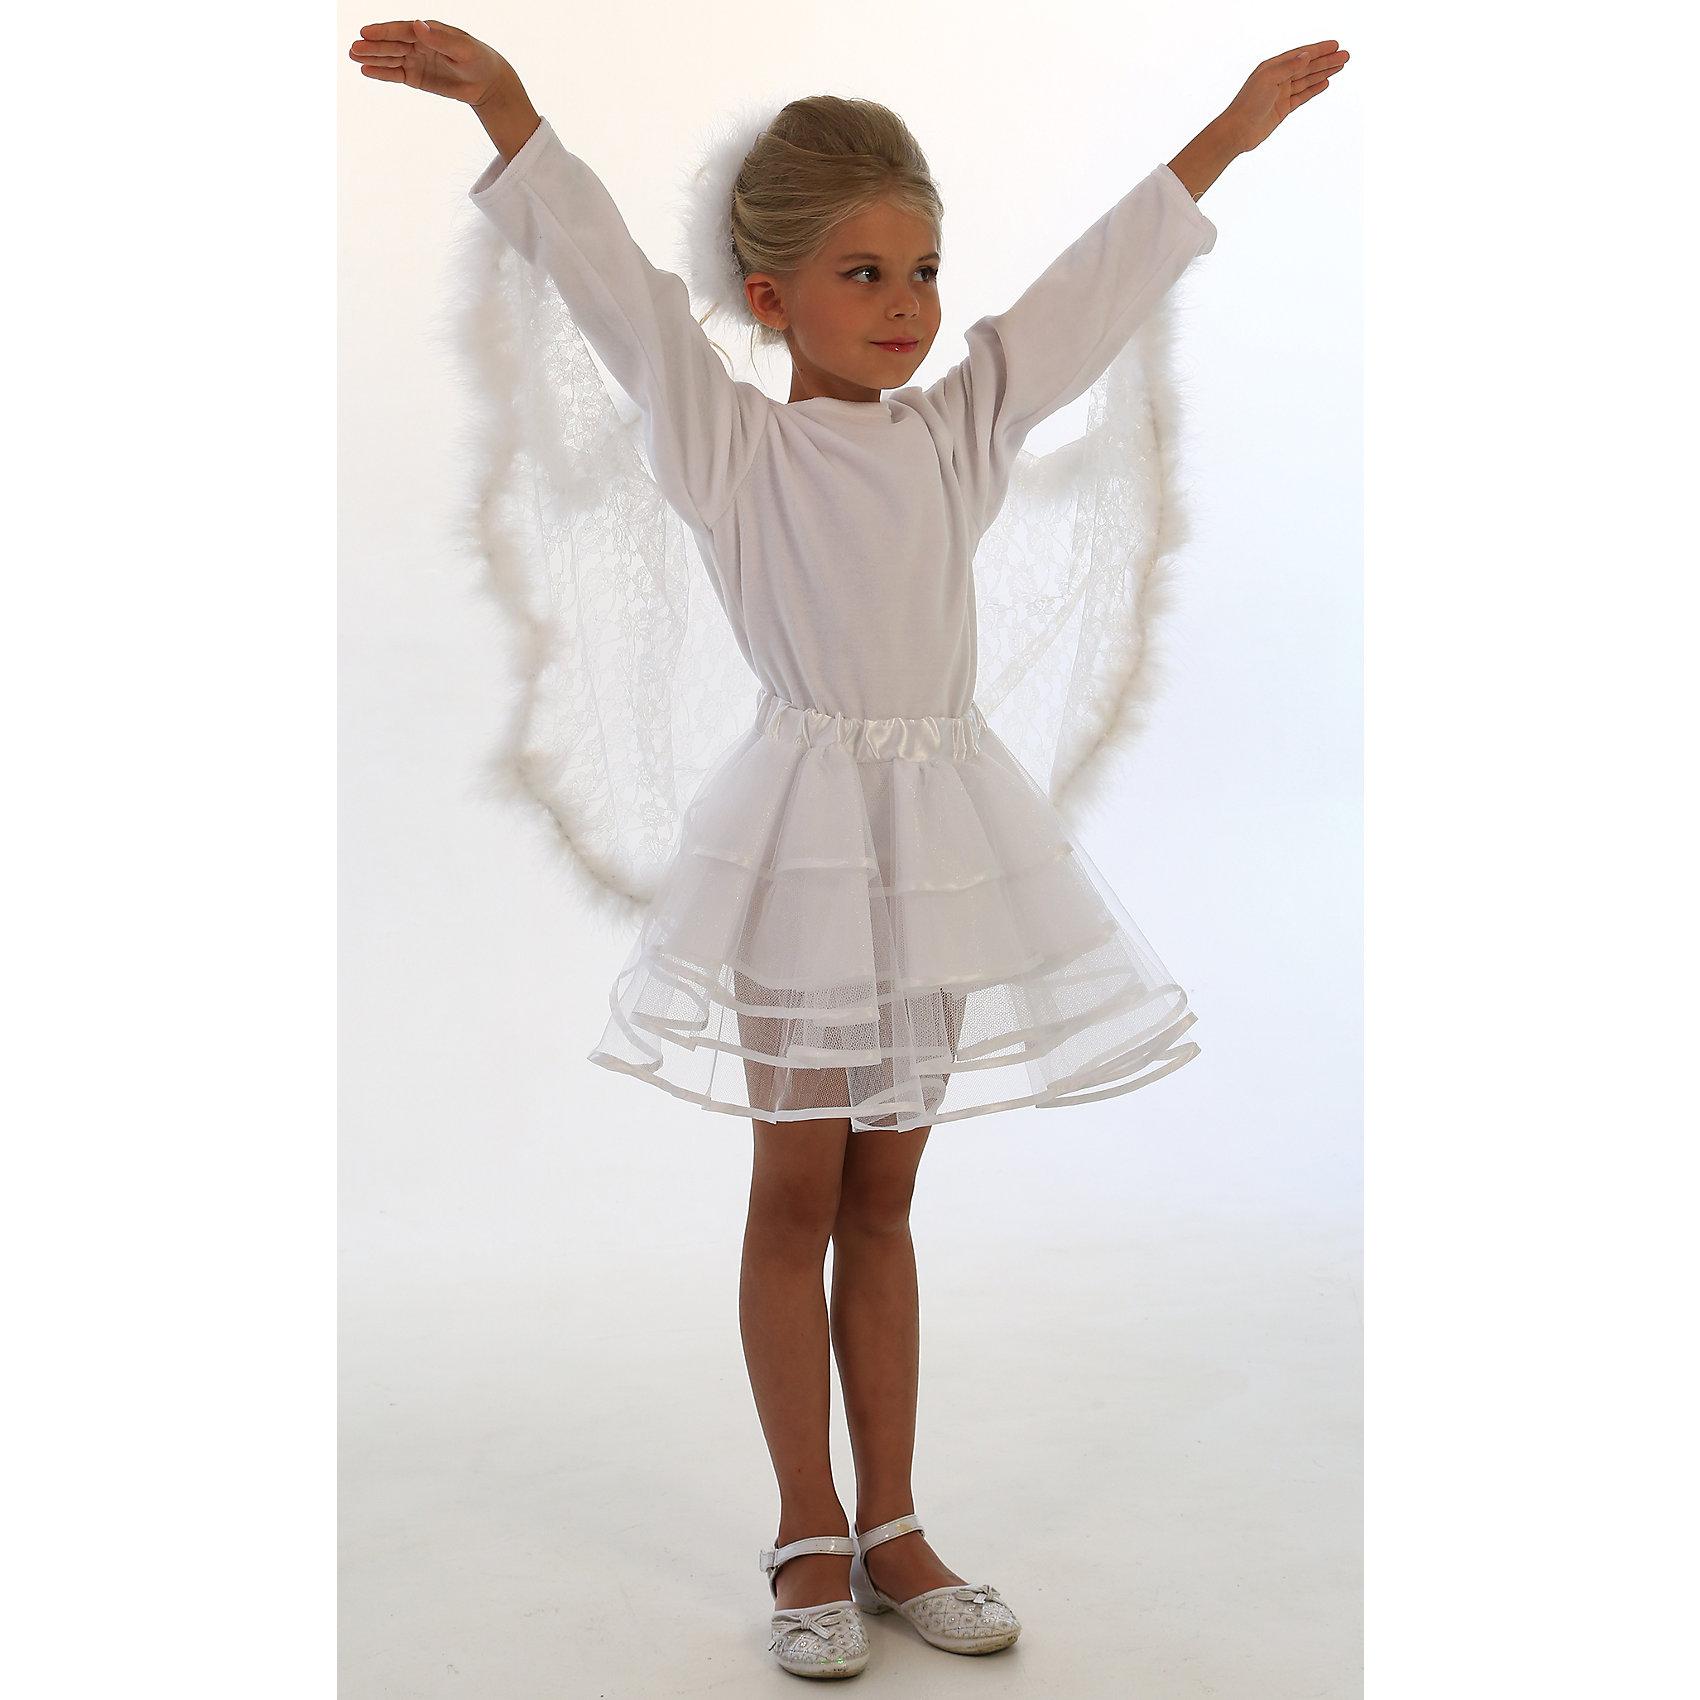 Карнавальный костюм Лебедь, ВестификаДля девочек<br>Карнавальный костюм Лебедь, Вестифика<br><br>Красивая и благородная птица легла в основу карнавального костюма «Лебедь». <br>Костюм состоит из белой бархатной кофточки с ажурными полупрозрачными гипюровымикрыльями. Крылья оторочены настоящим боа. Дополняет костюм многоярусная пышная юбка-пачка из окантованного фатина белого цвета на резинке. В комплект входит также укражение для волос из боа.<br><br>Комплектация:<br>Кофточка из велюра и гипюра<br>Юбка-пачка из фатина с подкладкой из тафеты<br>Украшения для волос из боа<br><br>Ткани:<br>Фатин (100% полиэстер)<br>Велюр (80% хлопок, 20% полиэстер)<br>Гипюр (100% полиэстер)<br><br>Ширина мм: 450<br>Глубина мм: 80<br>Высота мм: 350<br>Вес г: 250<br>Цвет: разноцветный<br>Возраст от месяцев: 72<br>Возраст до месяцев: 84<br>Пол: Женский<br>Возраст: Детский<br>Размер: 116/122<br>SKU: 5159013